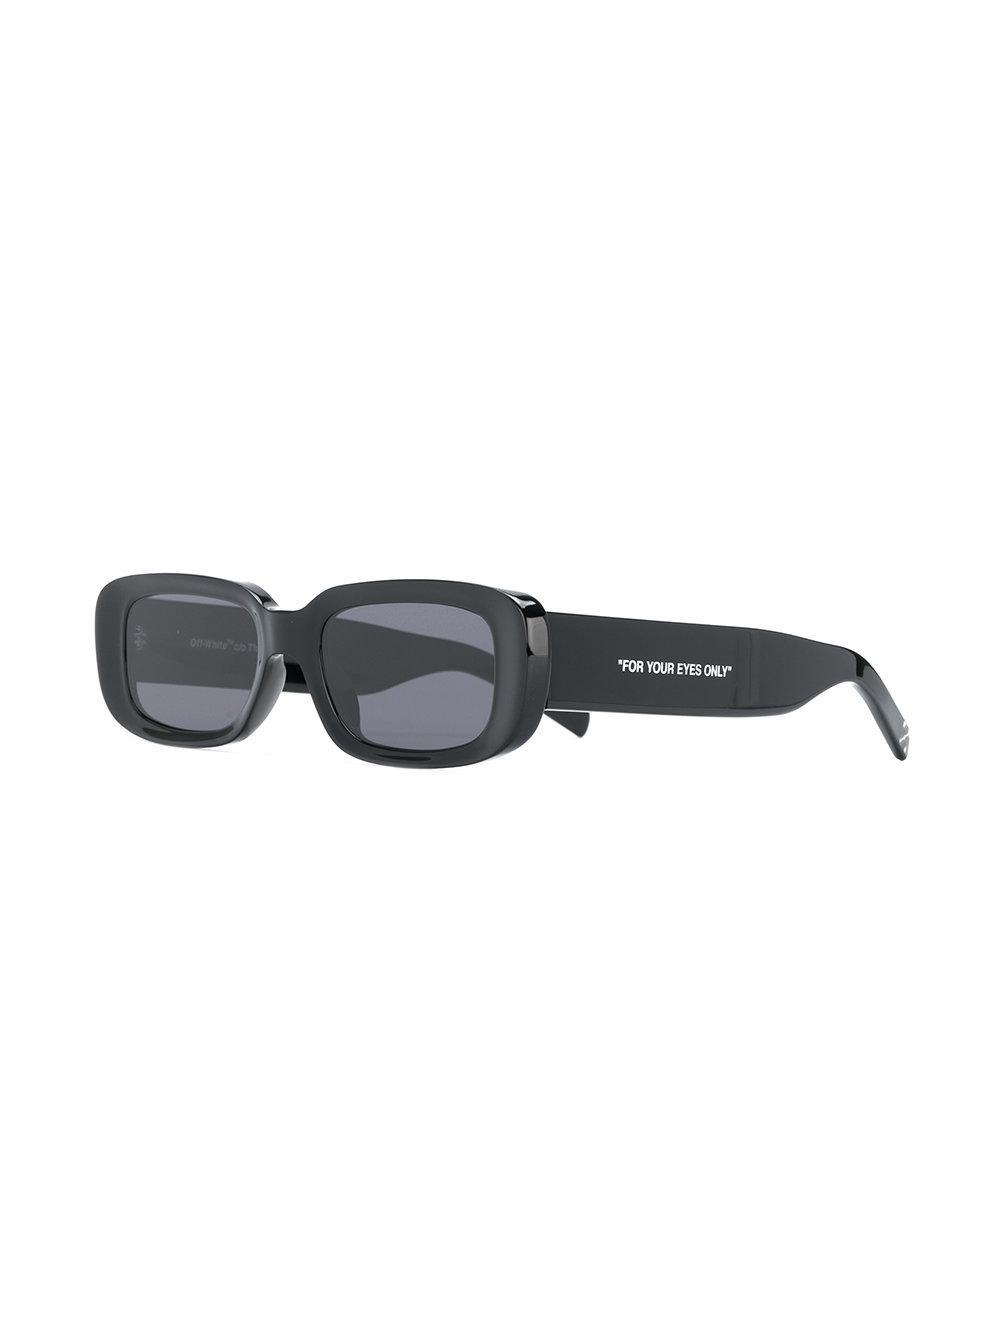 Sunglasses Black White In Men For Rectangular Off Abloh Co Virgil bf6Yvg7y